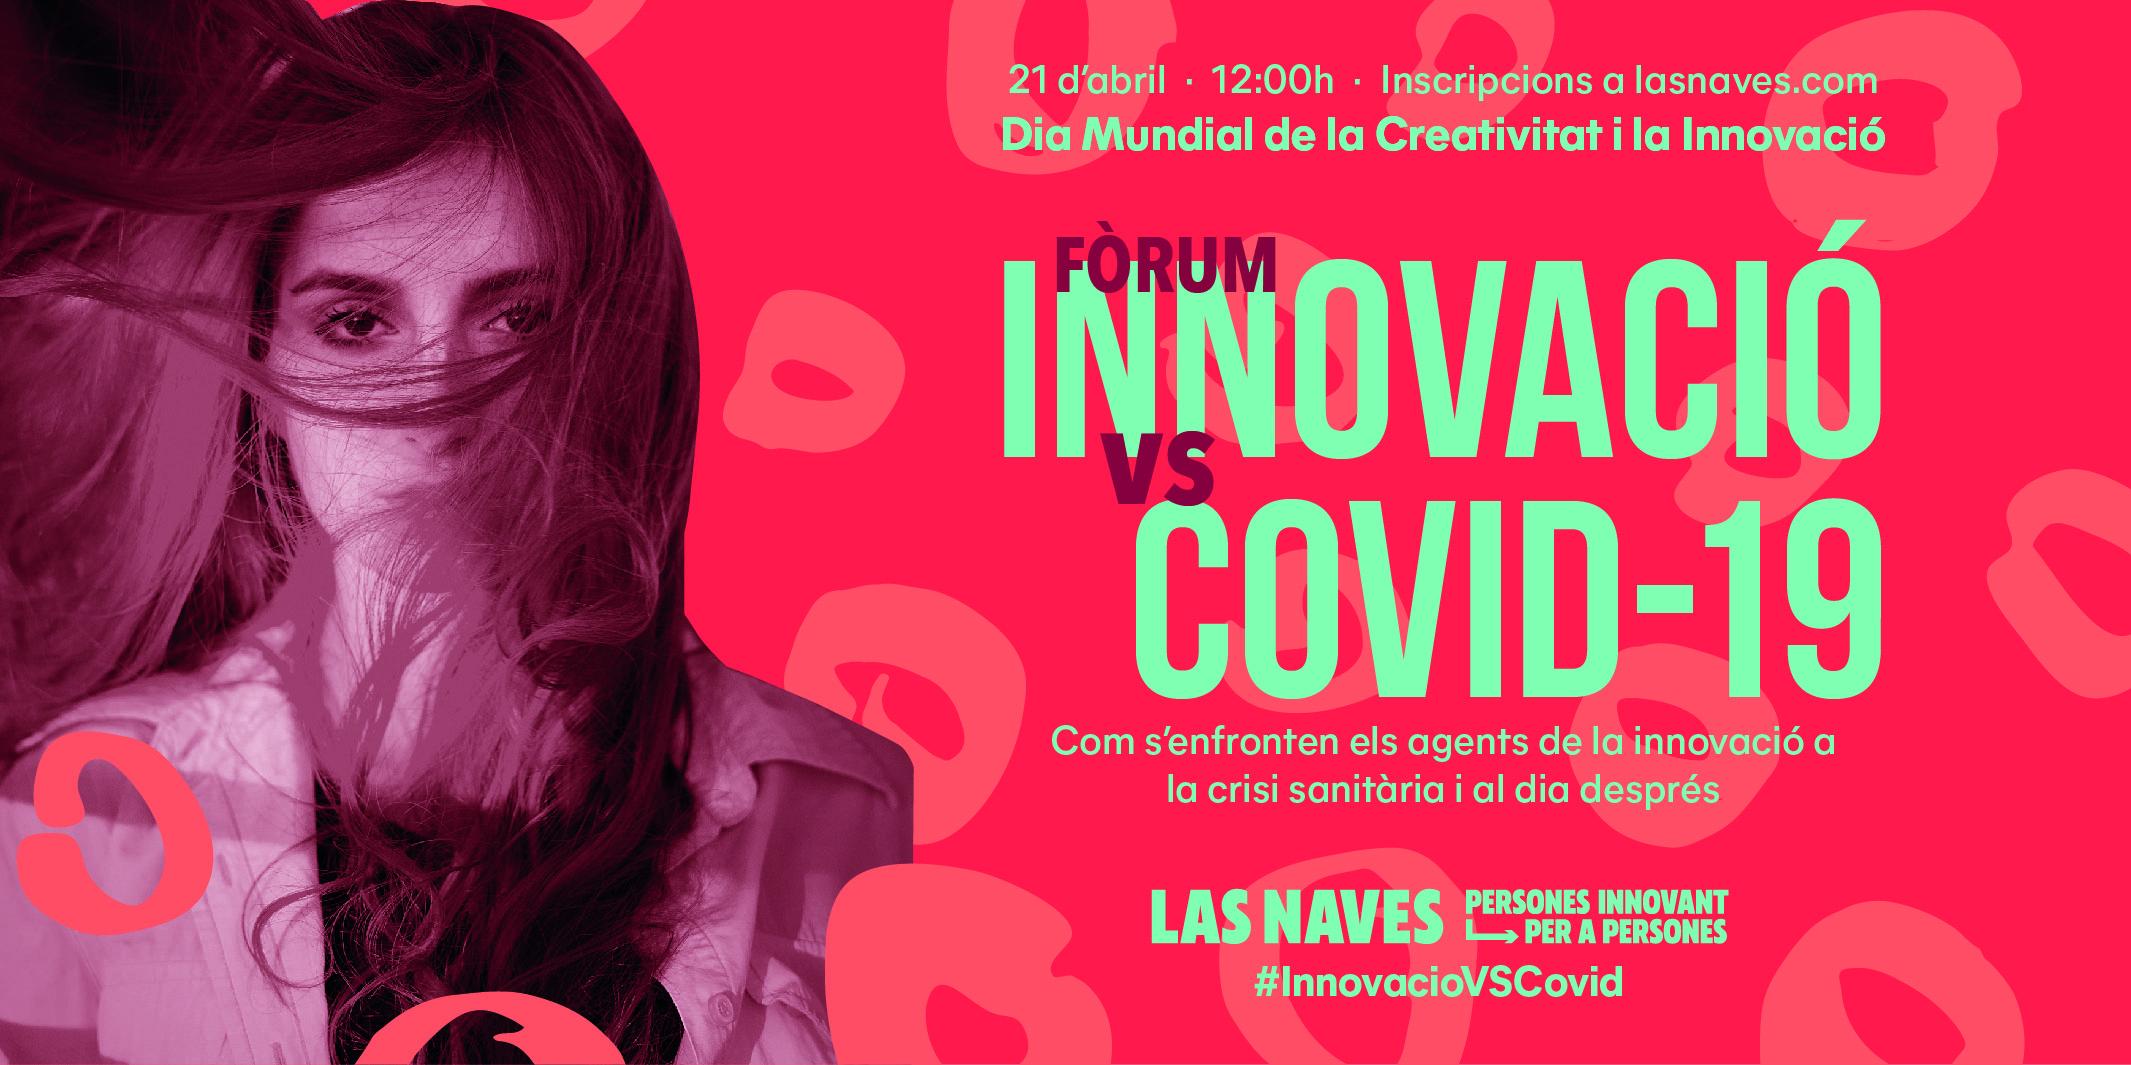 foro-innovacion-vs-covid19